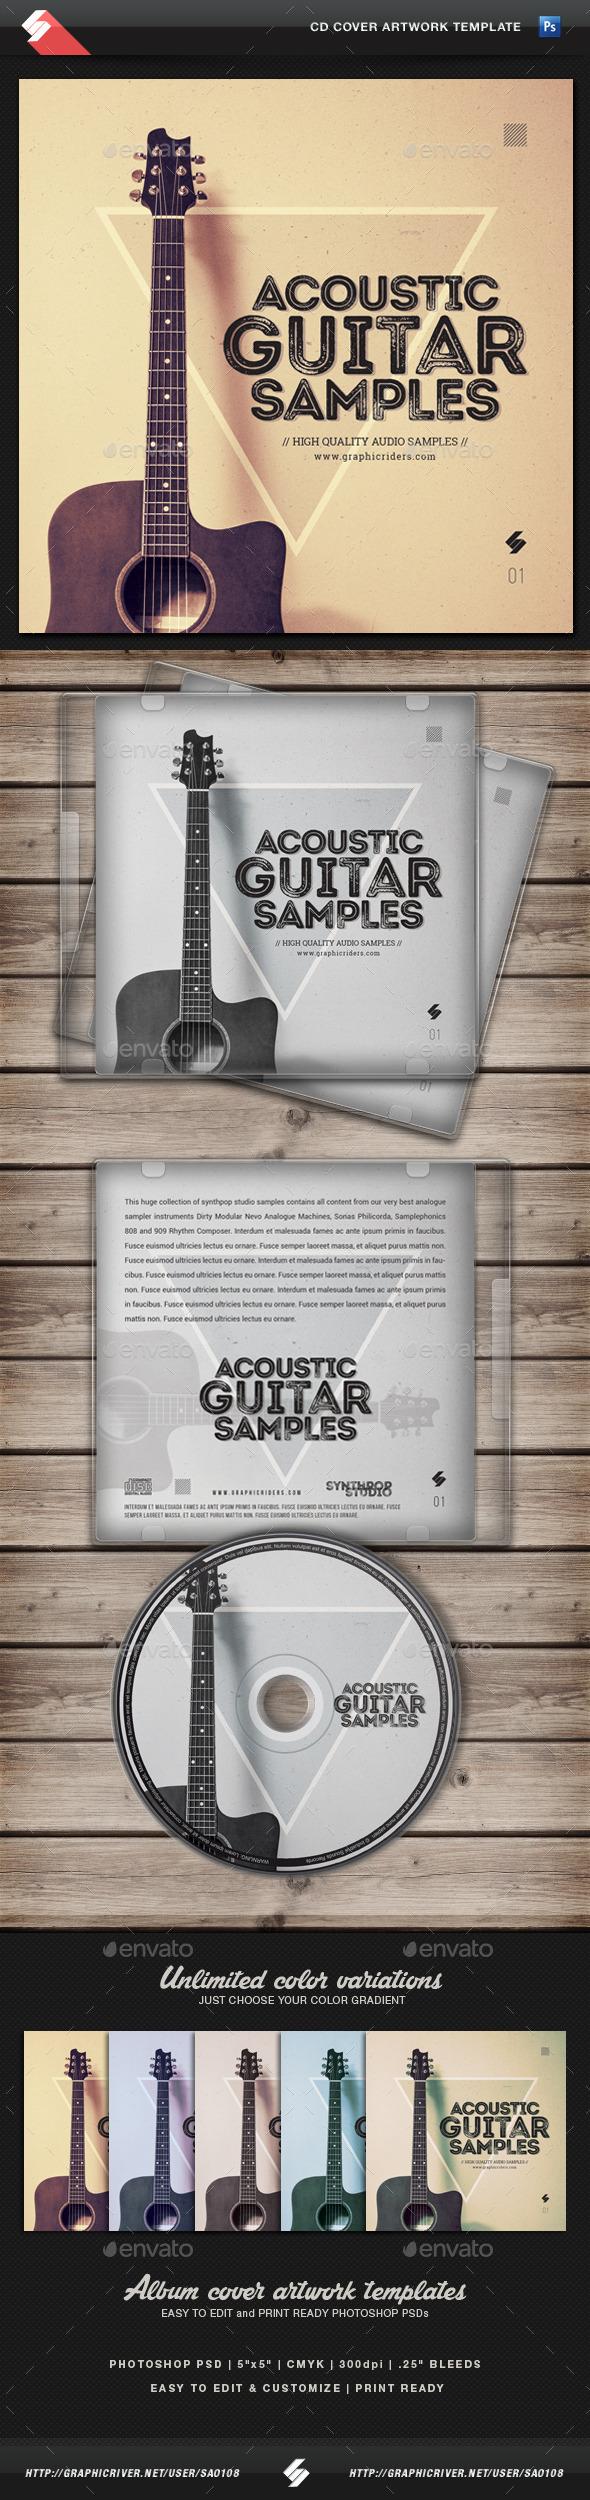 Acoustic Guitar Samples - CD Cover Template - CD & DVD Artwork Print Templates